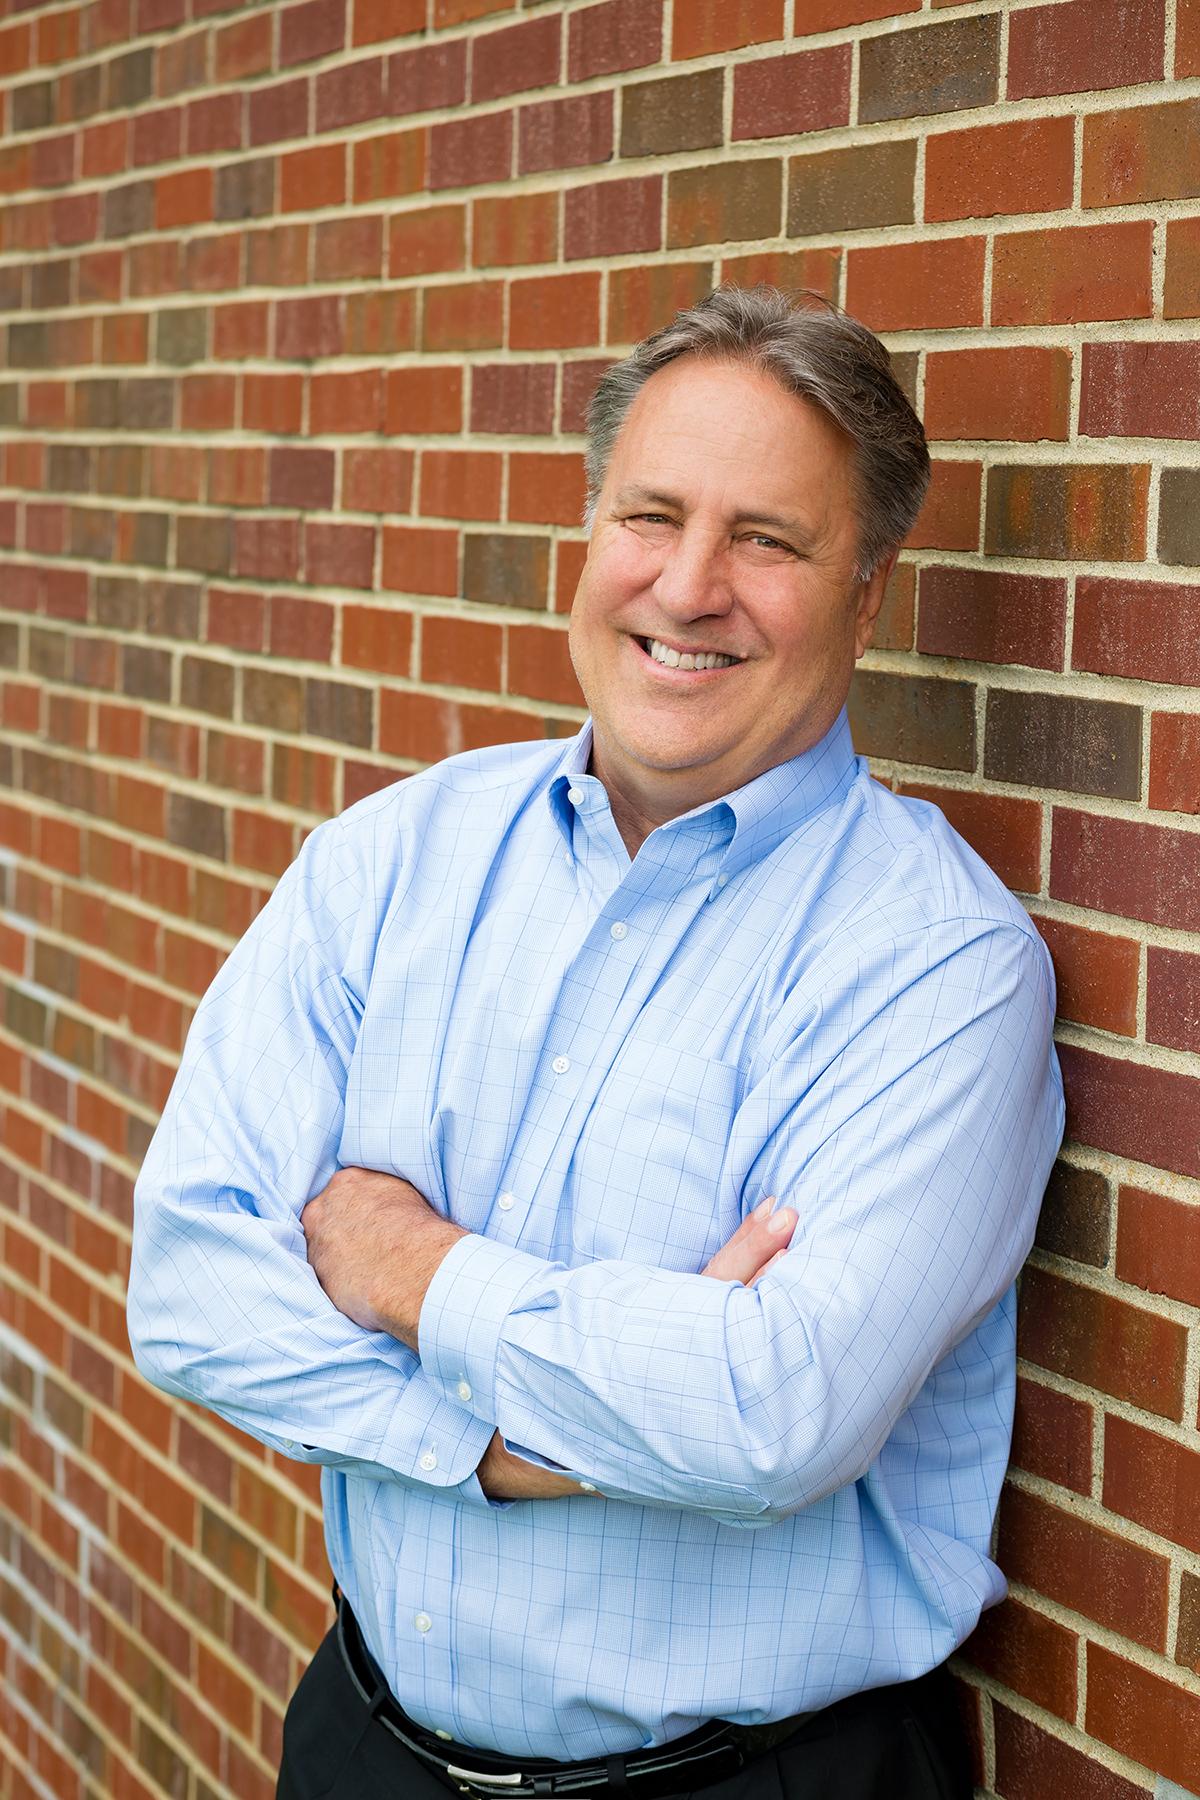 Mark Kohls